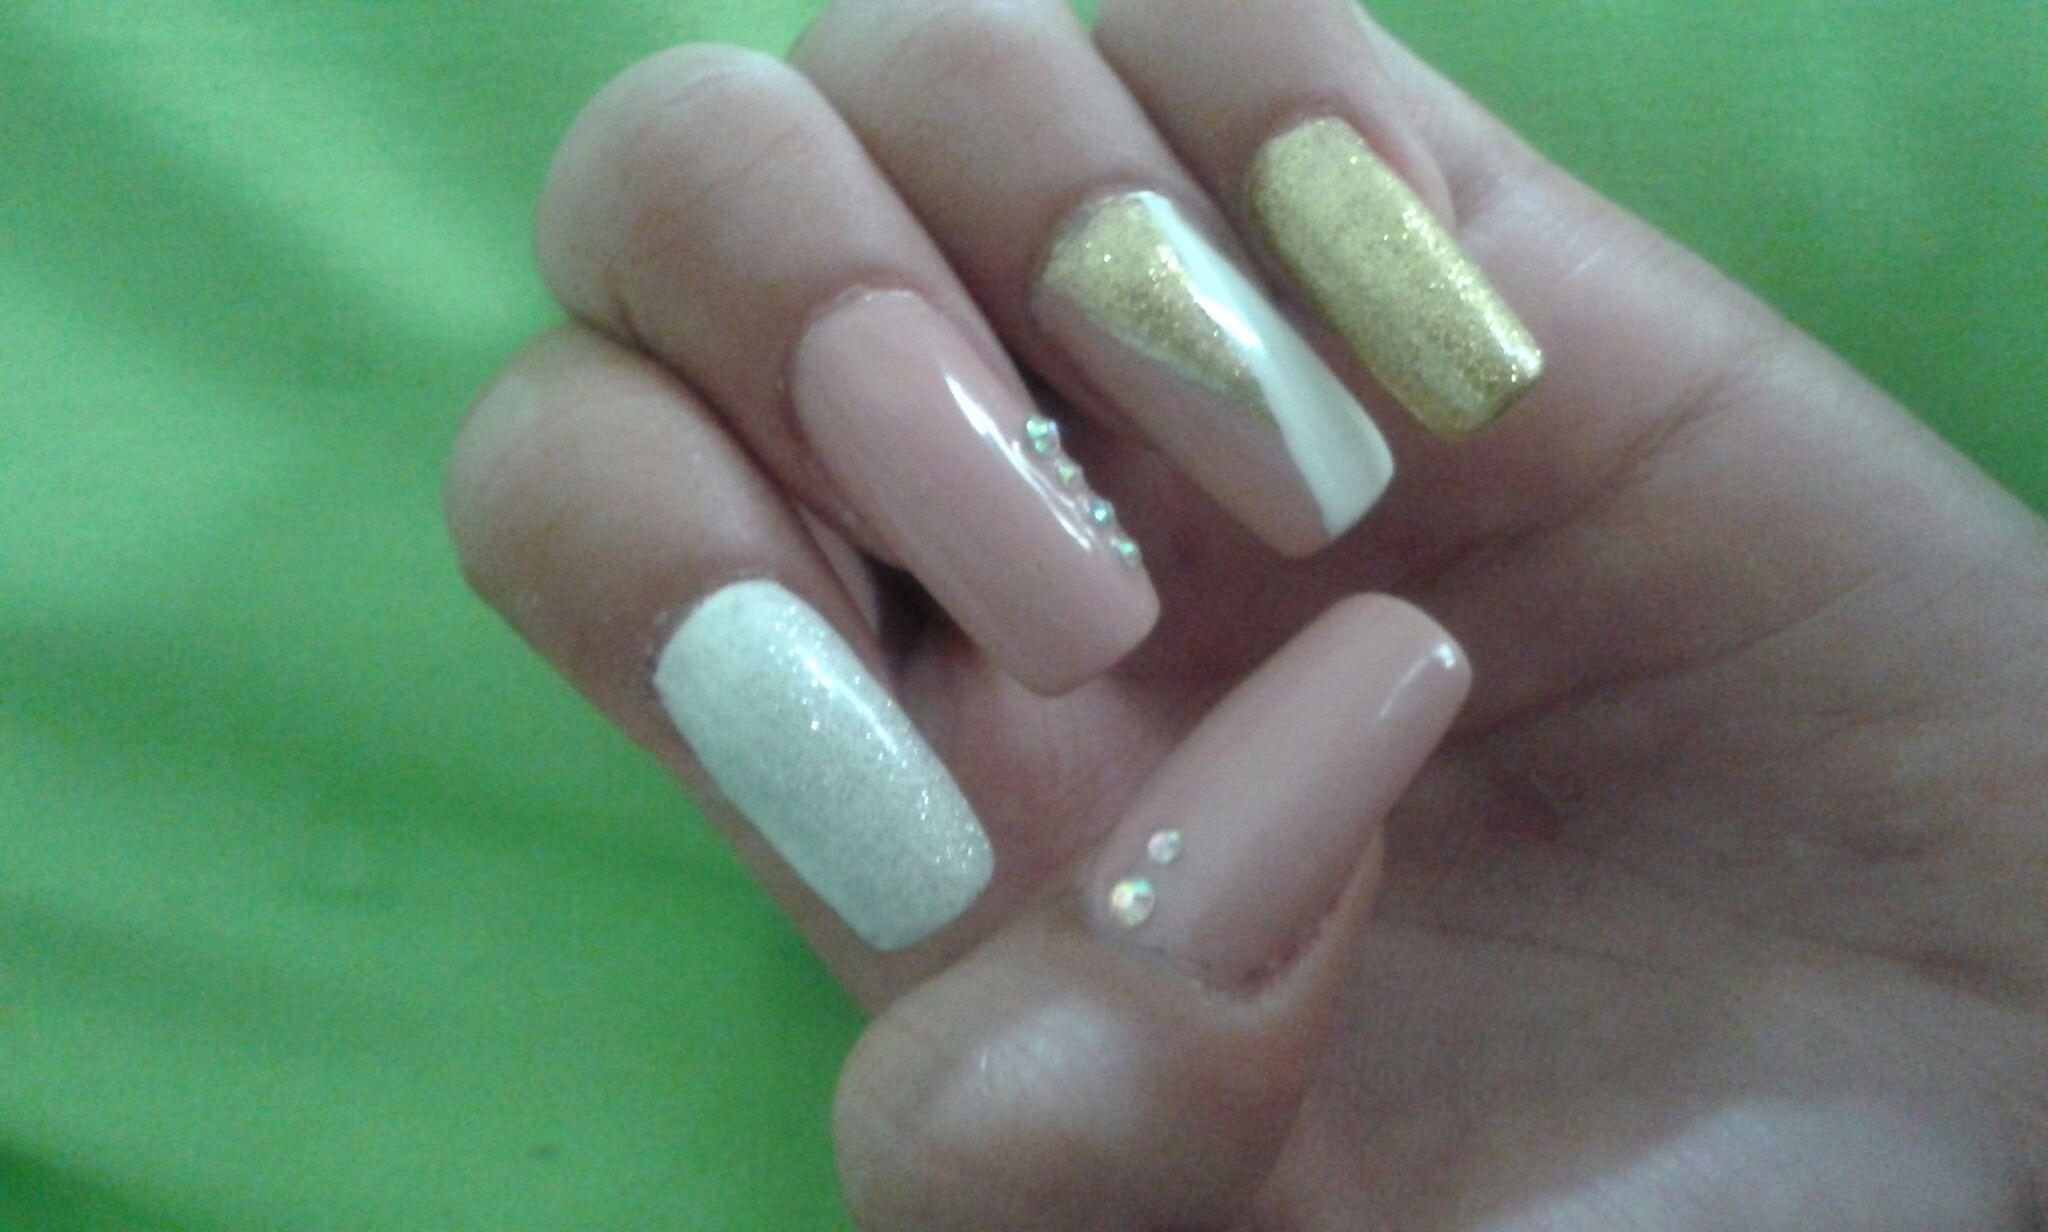 Pin by Karolina on uñas acrílicas! | Pinterest